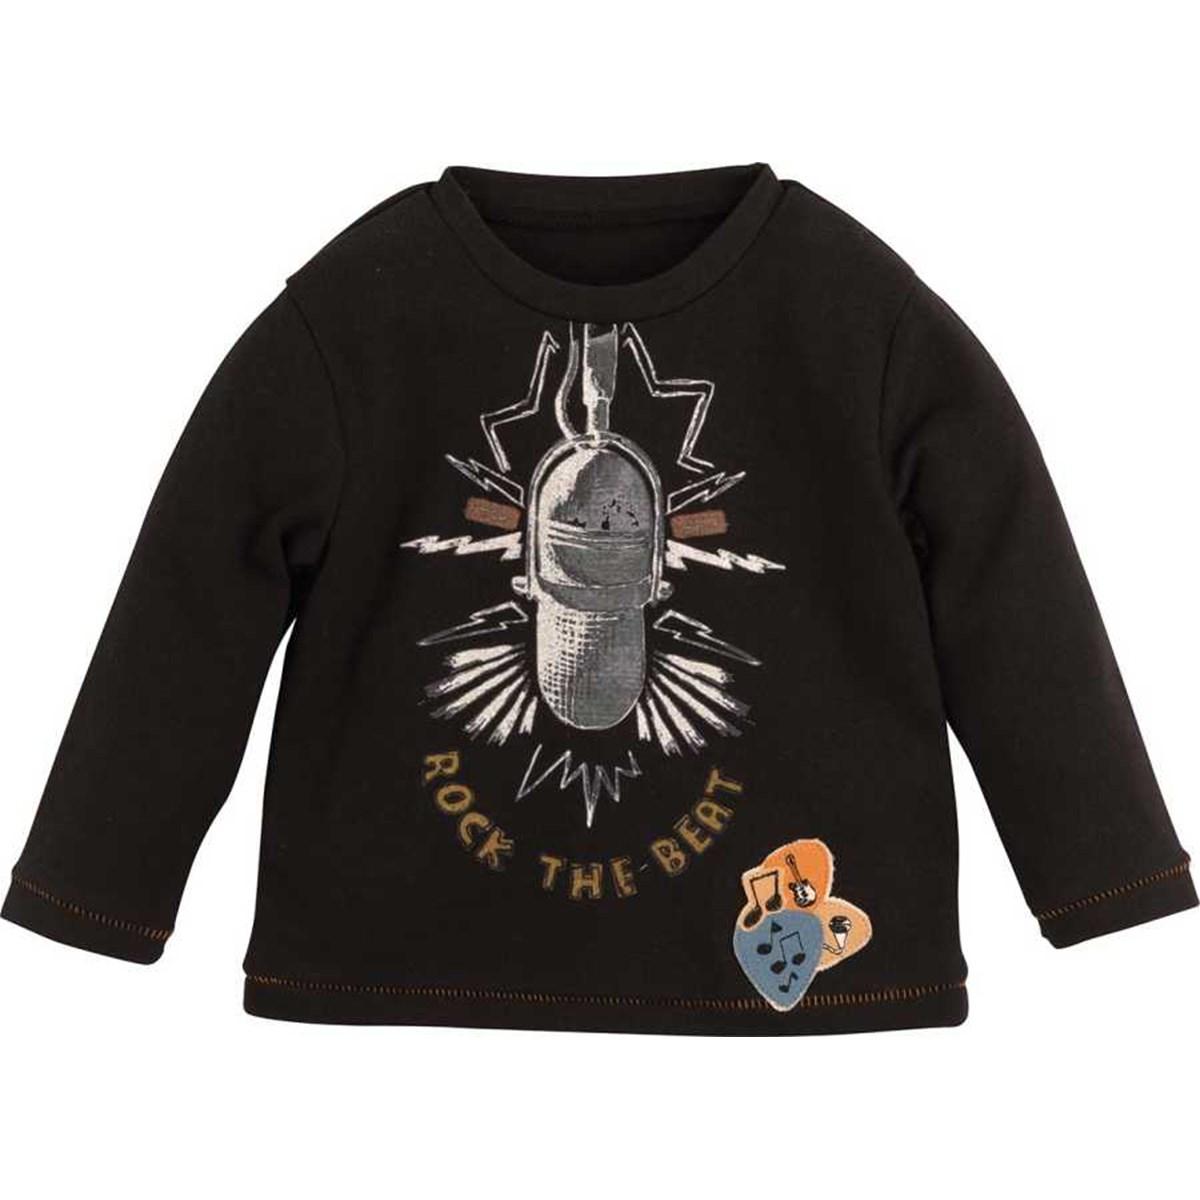 9480 Sweatshirt 1